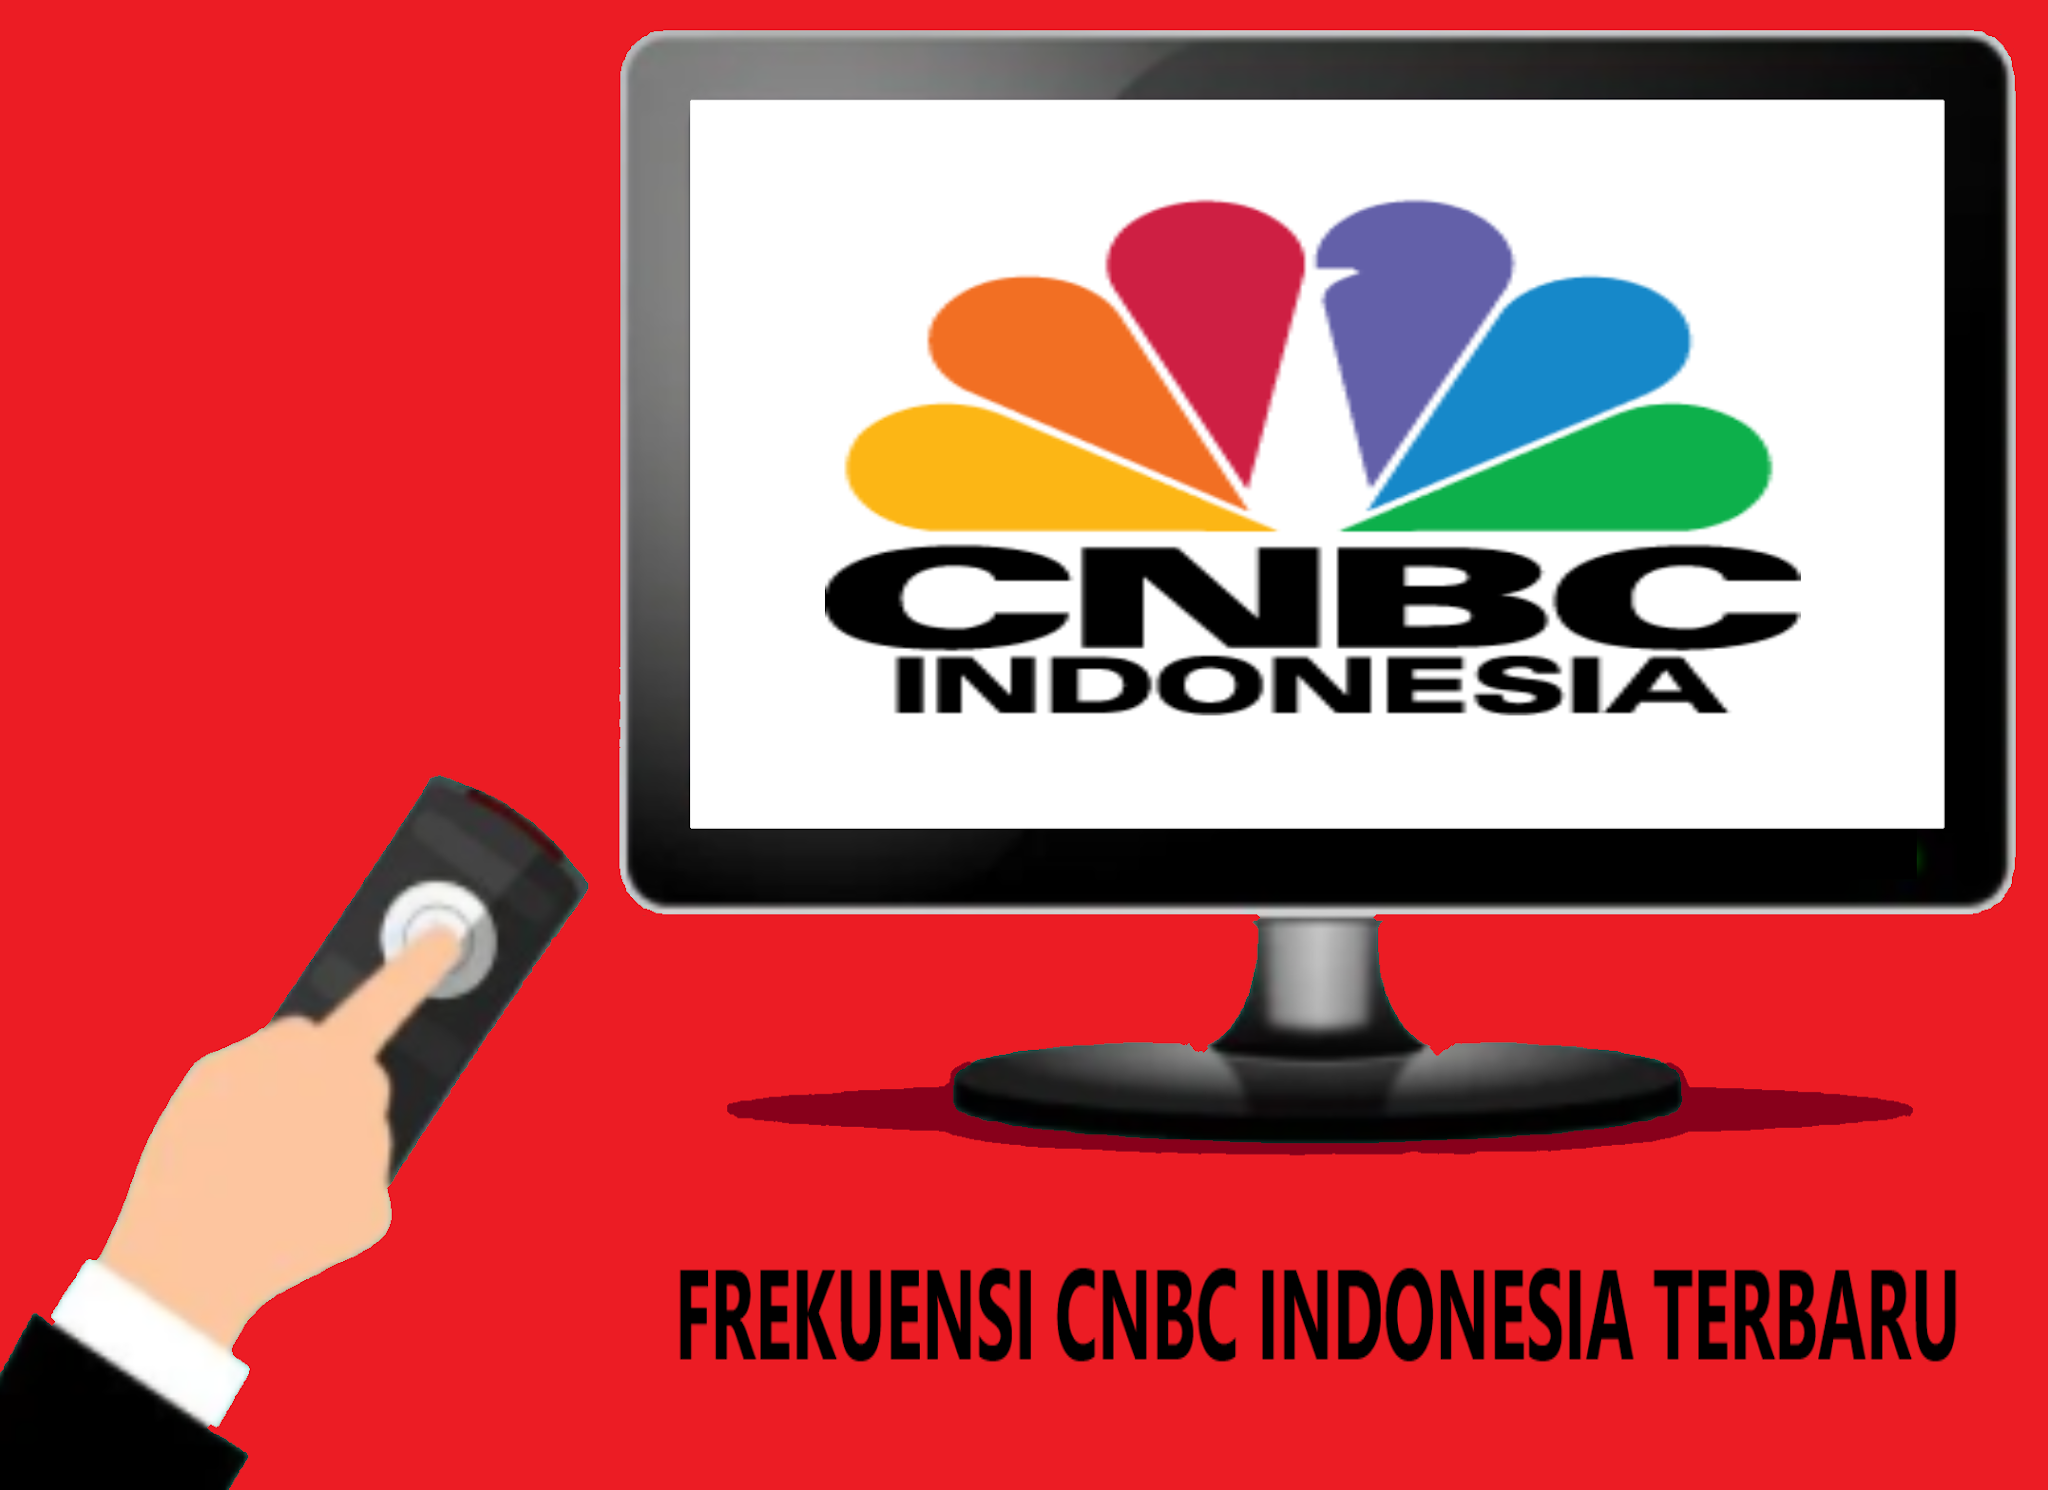 Frekuensi CNBC Indonesia Terbaru Di Telkom 4 Update 2020